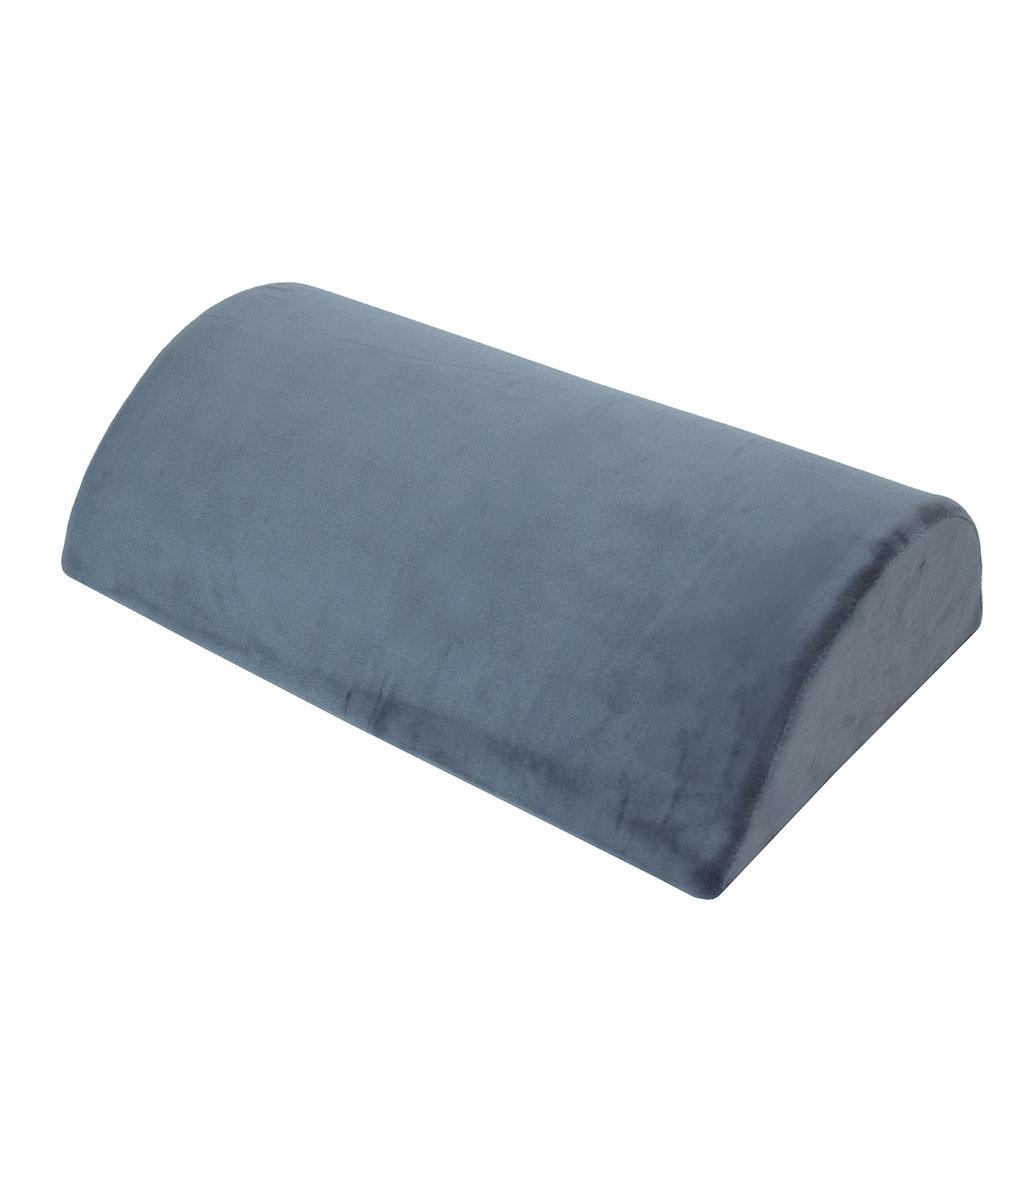 Фото - Подушка под поясницу с эффектом памяти iv70621 (40*22) подушка под поясницу с эффектом памяти iv35060 33 33